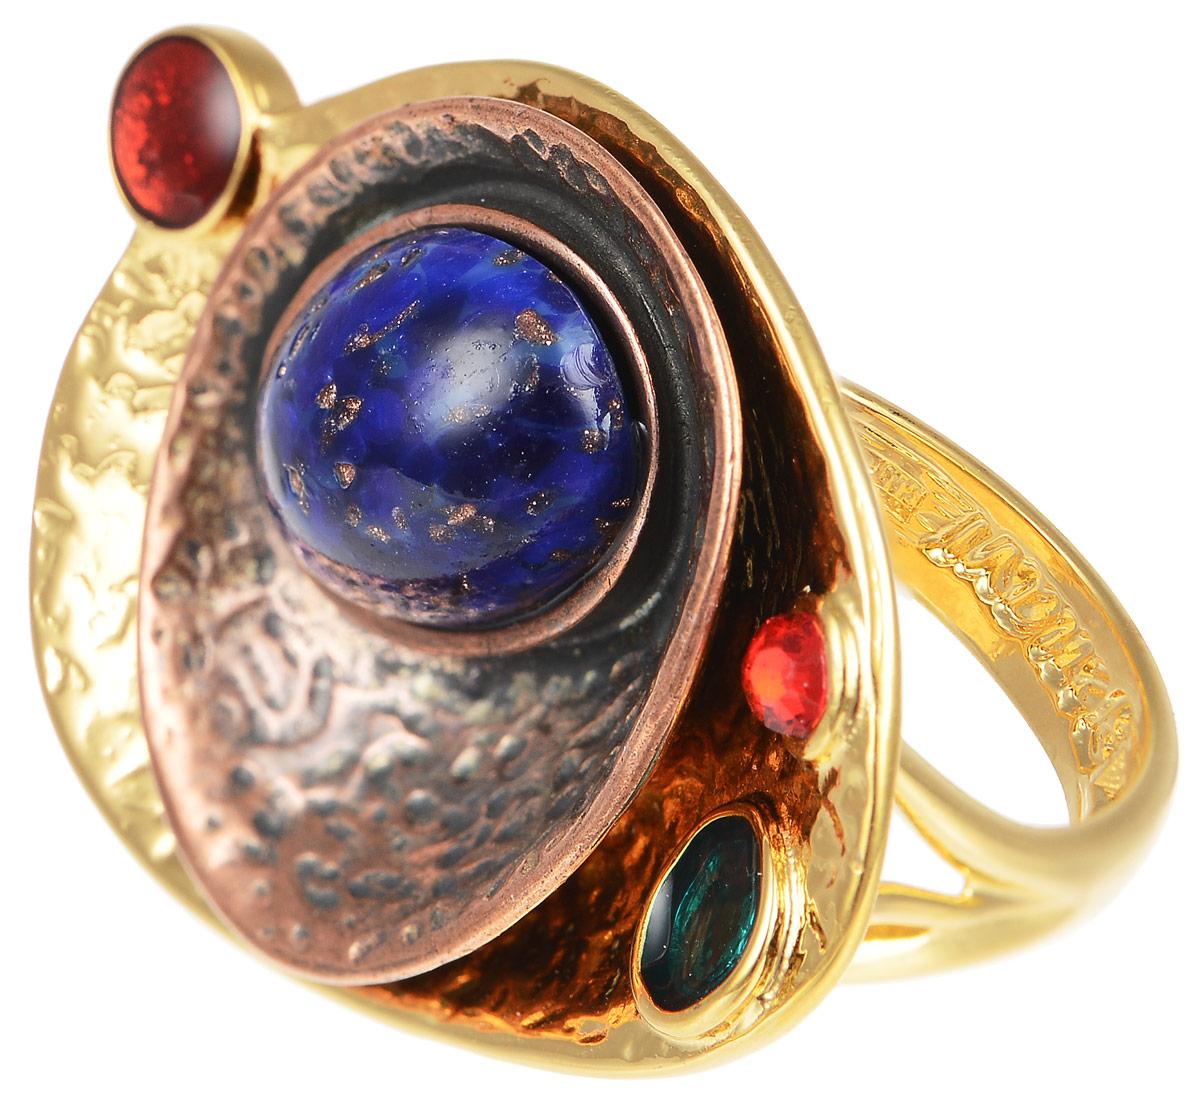 Кольцо Jenavi Дубхе, цвет: золотой, синий, зеленый. b052r070. Размер 19b052r070Кольцо современного дизайна Jenavi Дубхе изготовлено из гипоаллергенного ювелирного сплава с покрытием из золота и меди. Дополняет кольцо граненый кристалл Swarovski, а также вставки из эмали и стекла. Стильное кольцо придаст вашему образу изюминку и подчеркнет индивидуальность.